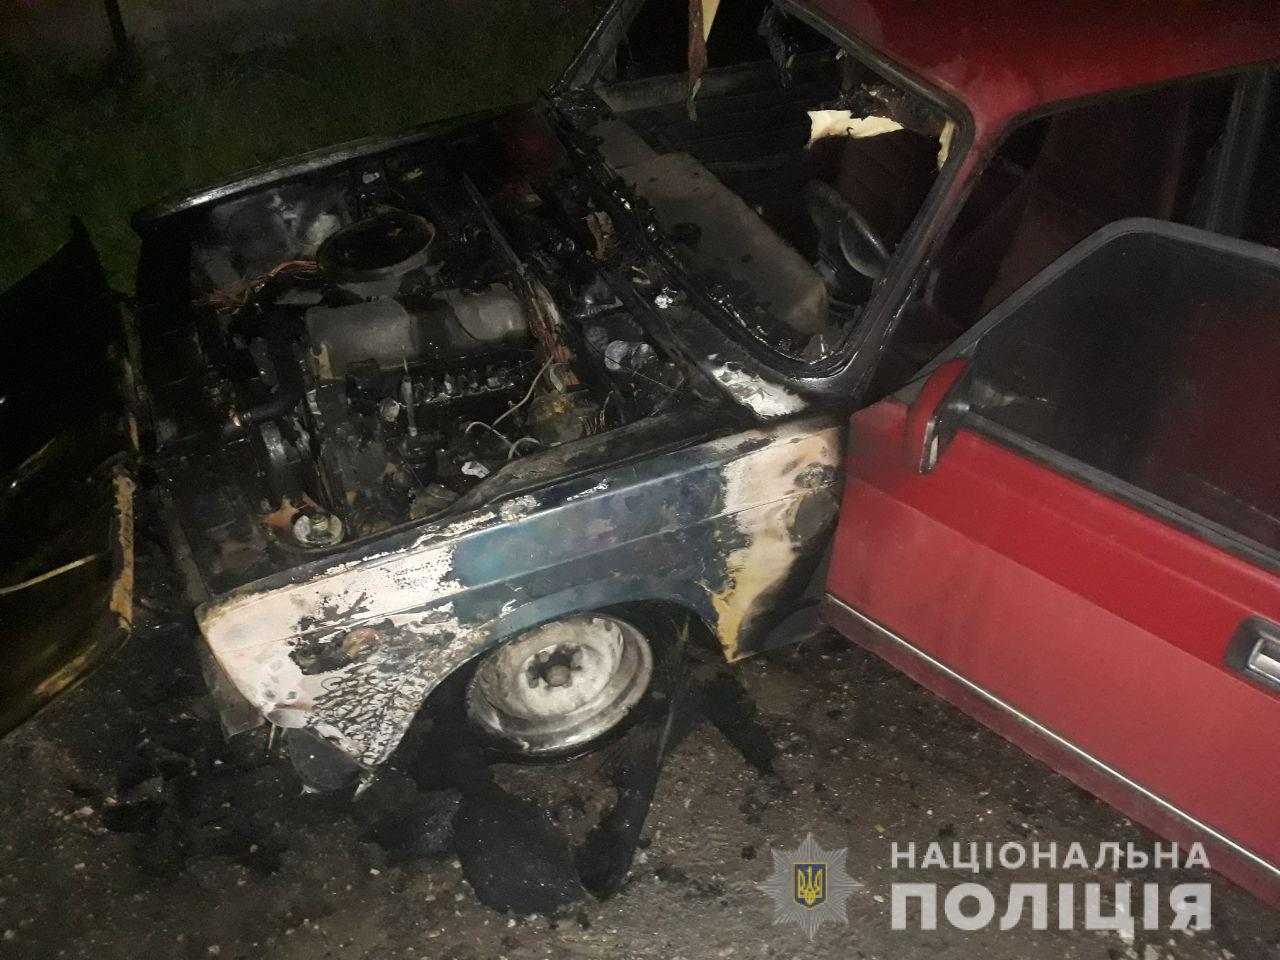 В Харькове ночью горели авто: полиция подозревает поджог (фото)